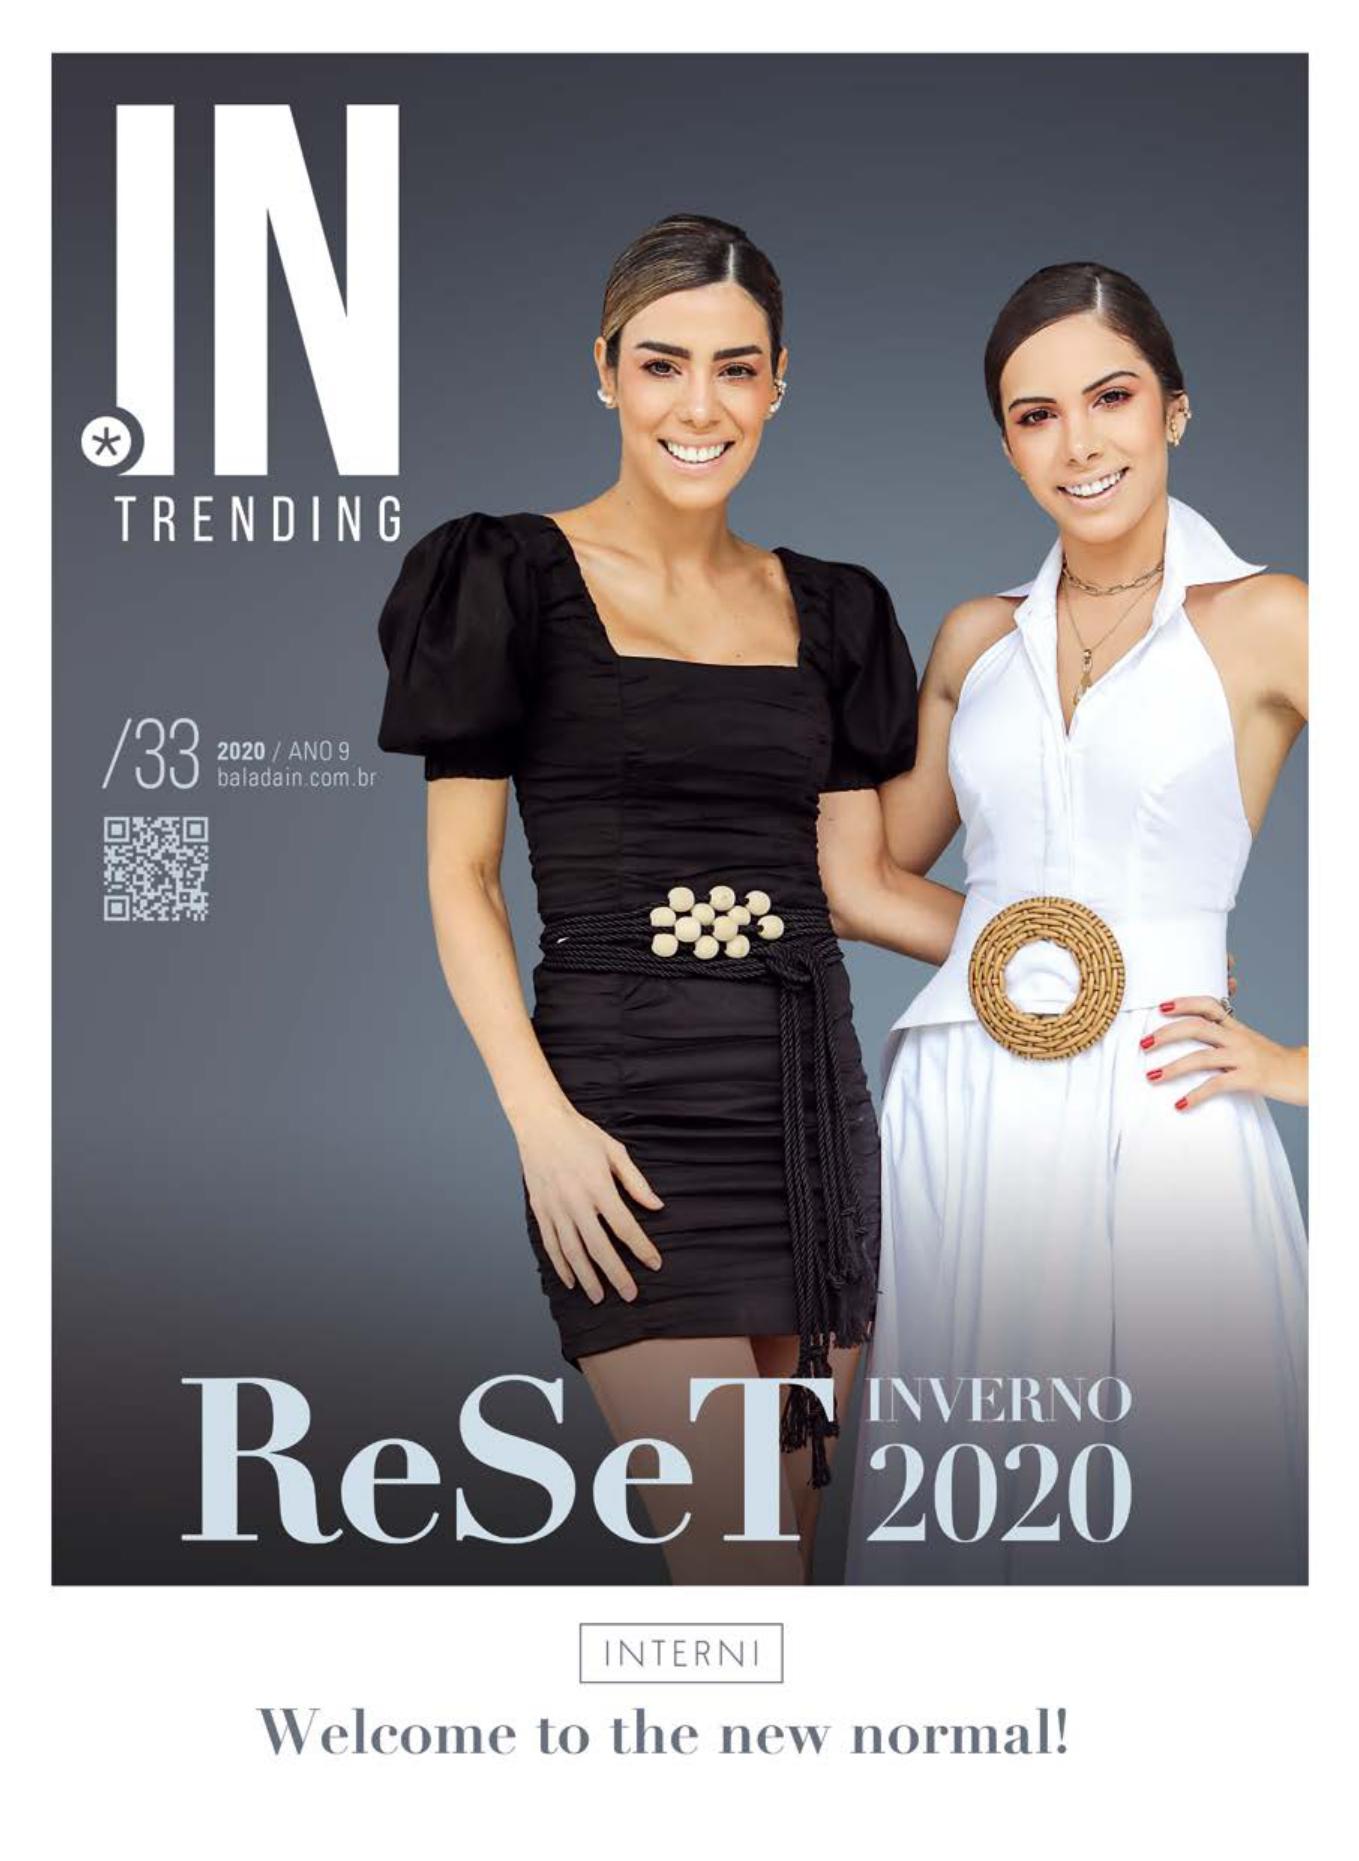 Edição: Reset Inverno 2020